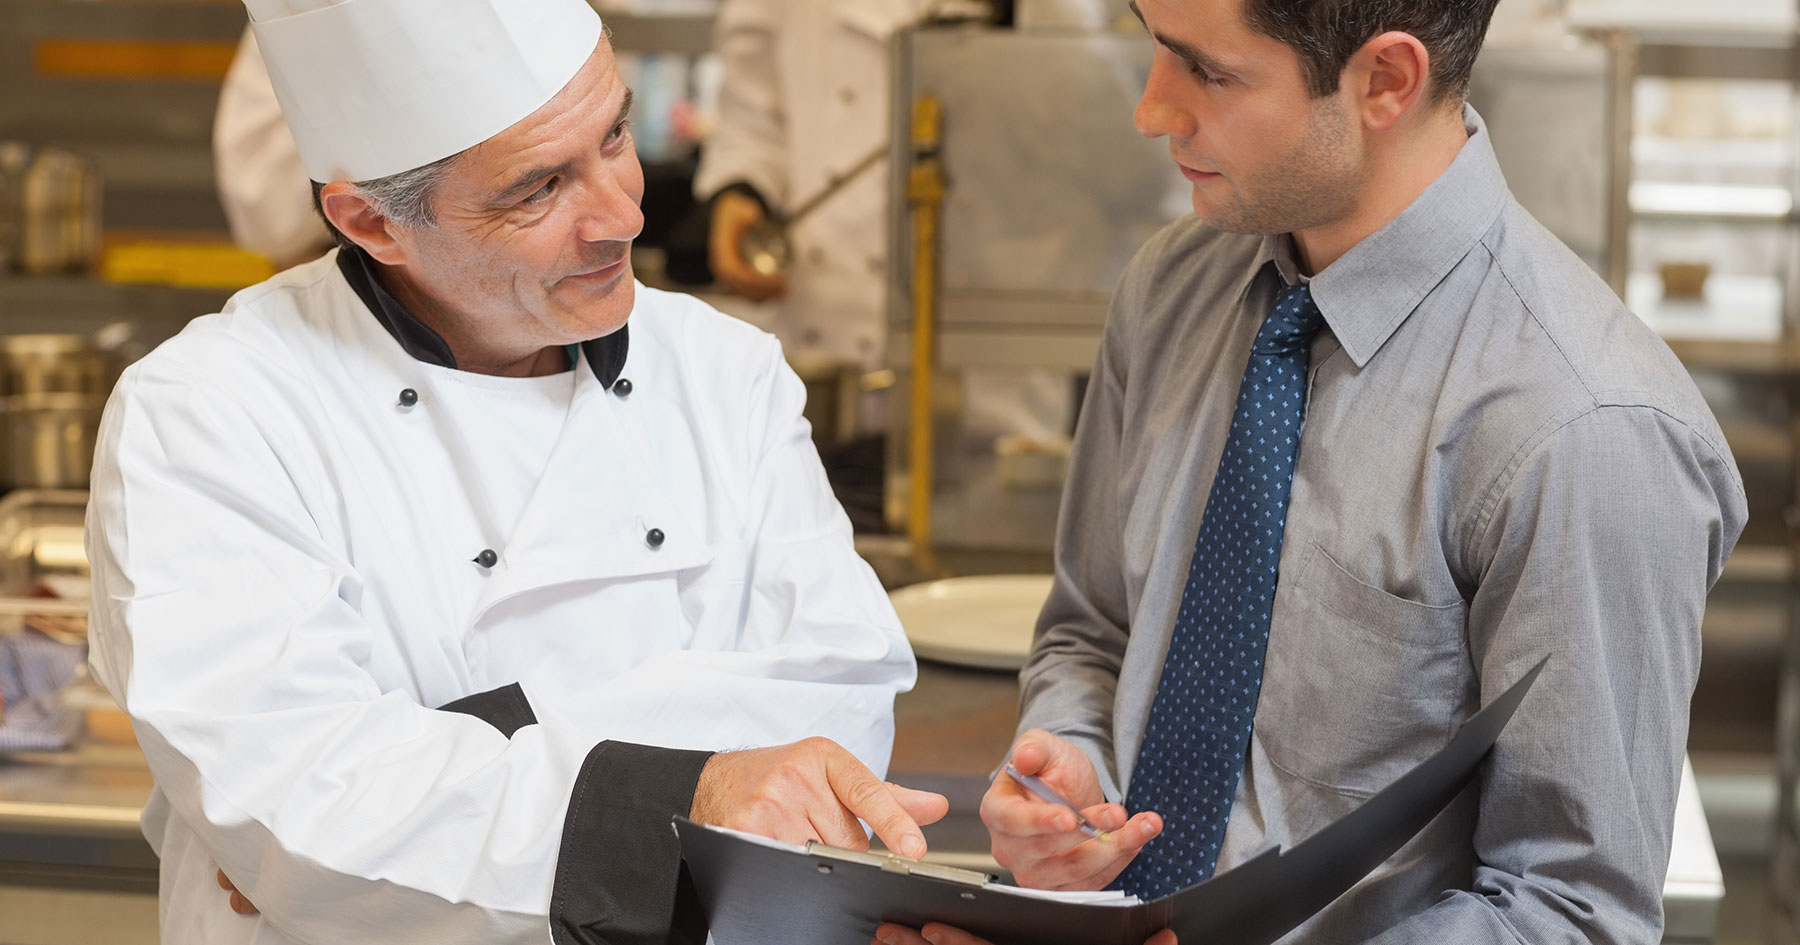 manager chef menu